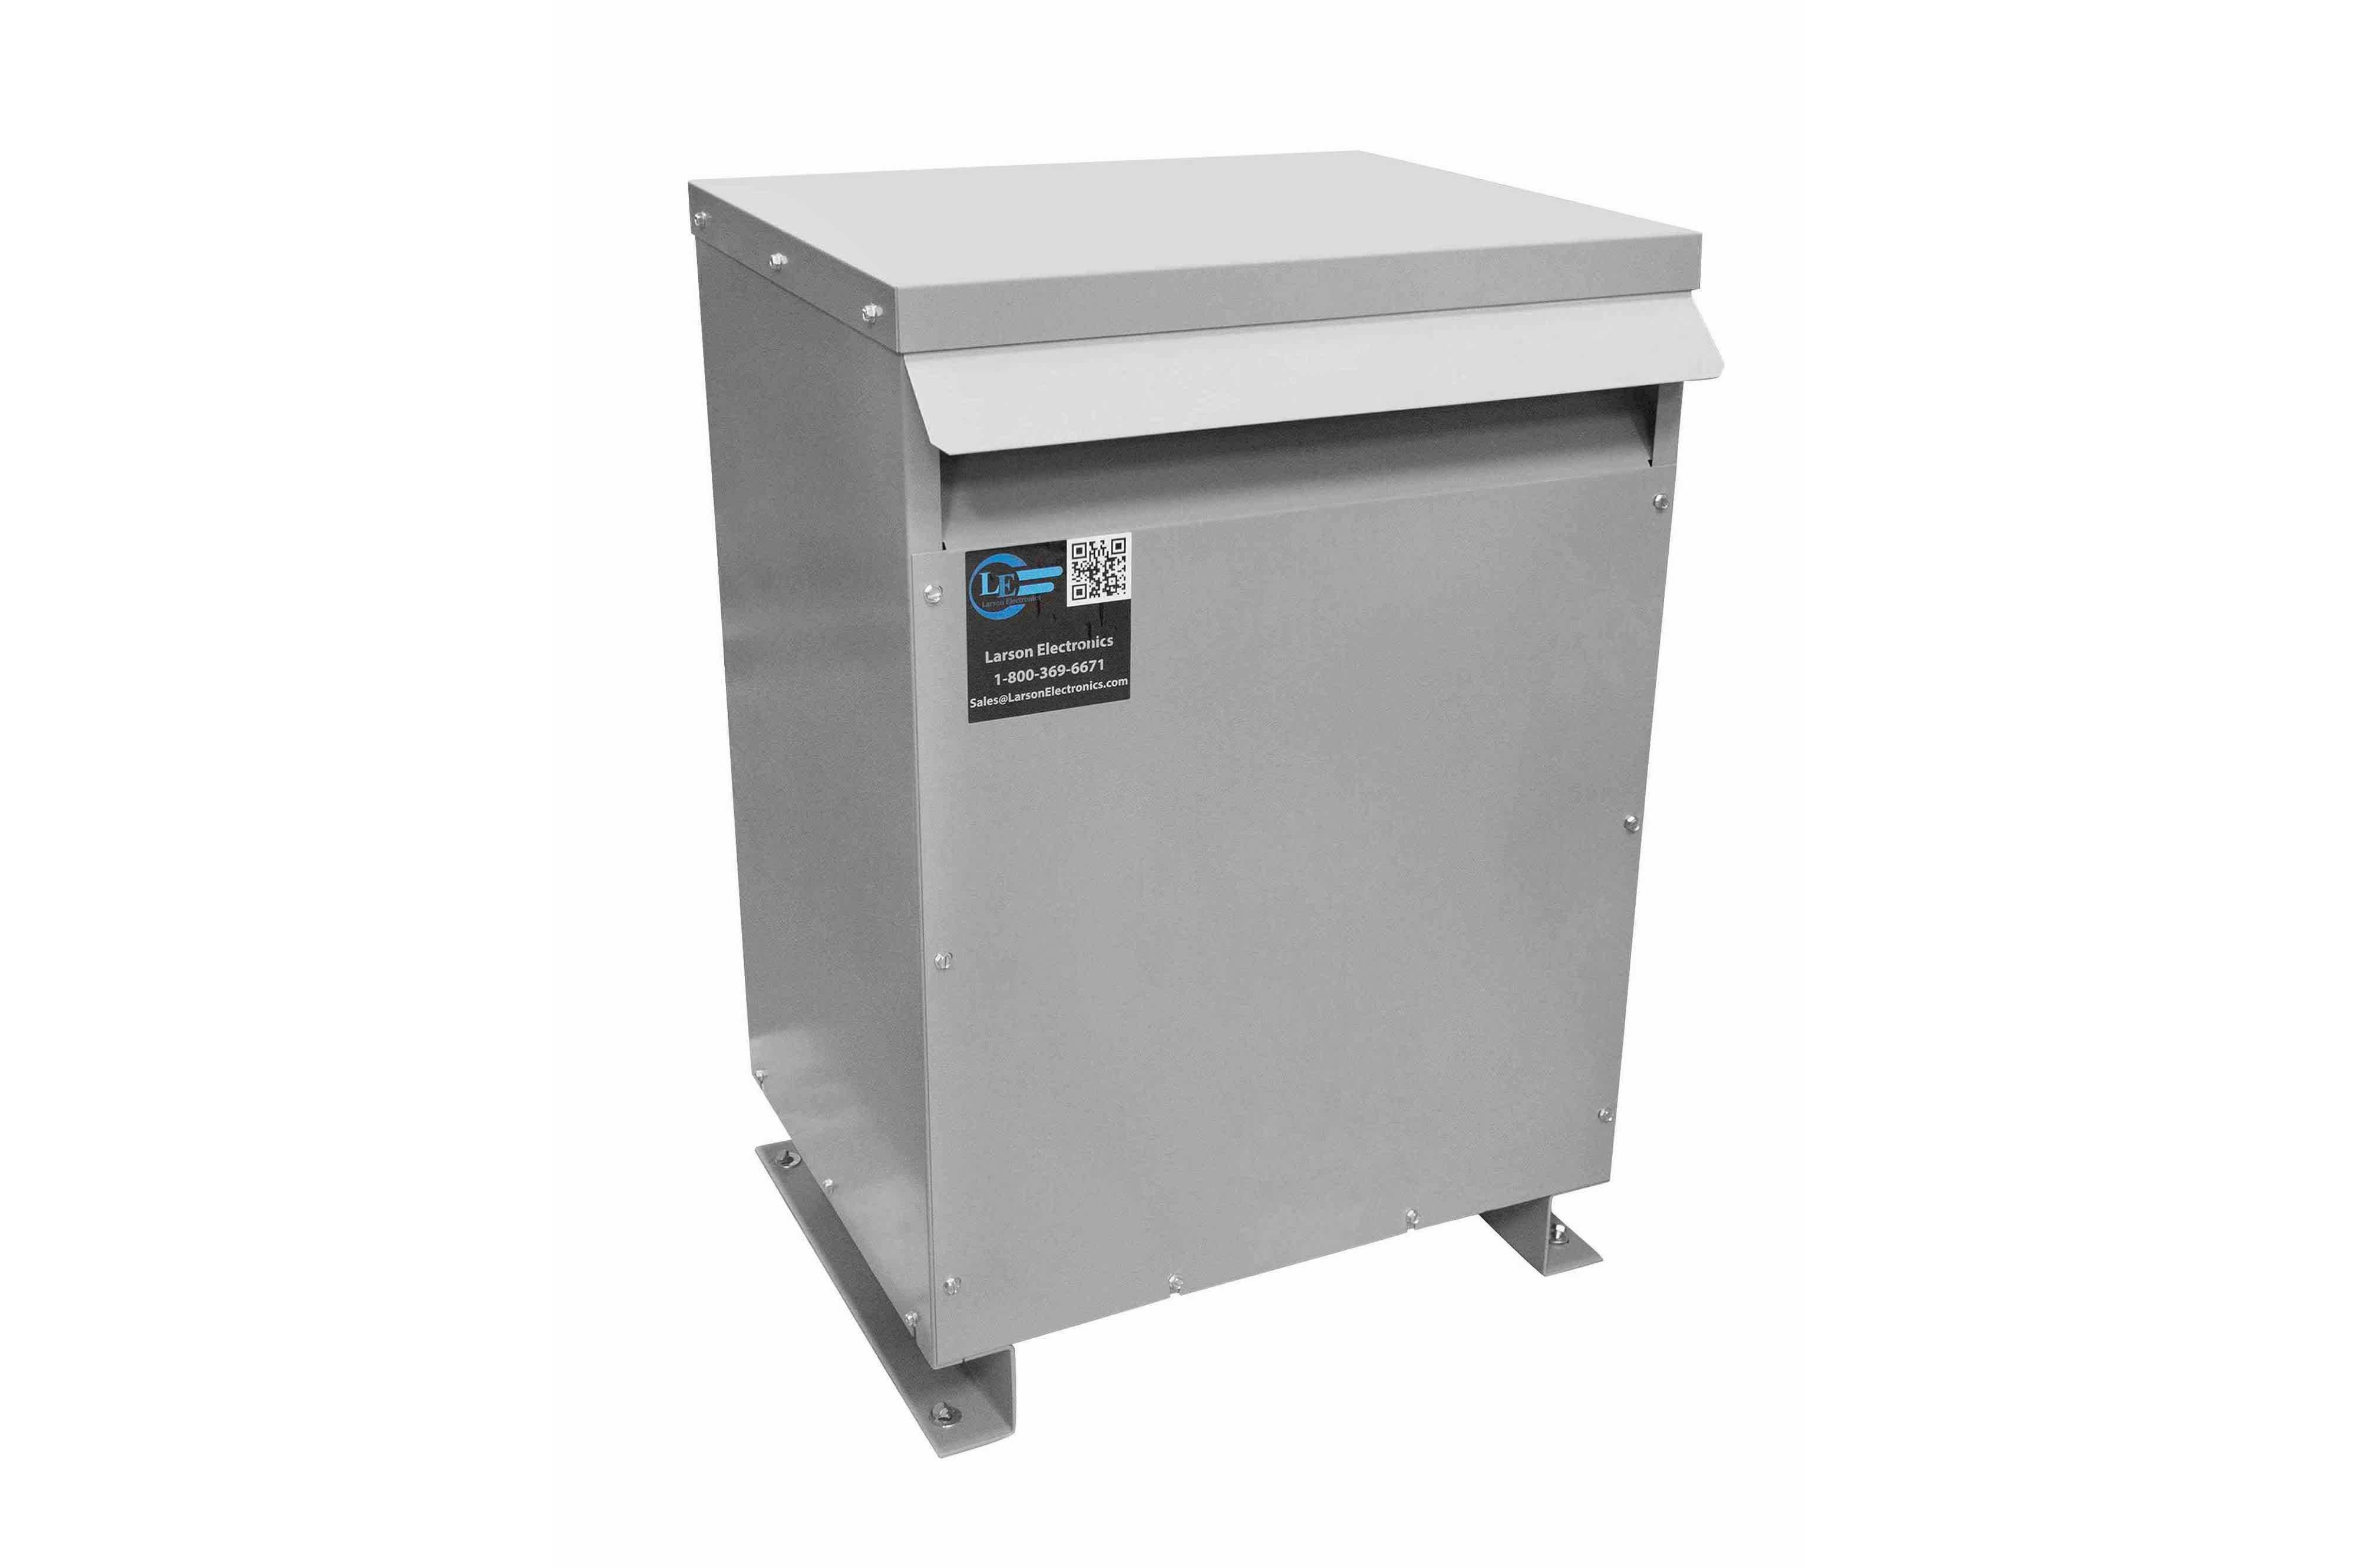 75 kVA 3PH Isolation Transformer, 460V Delta Primary, 380V Delta Secondary, N3R, Ventilated, 60 Hz